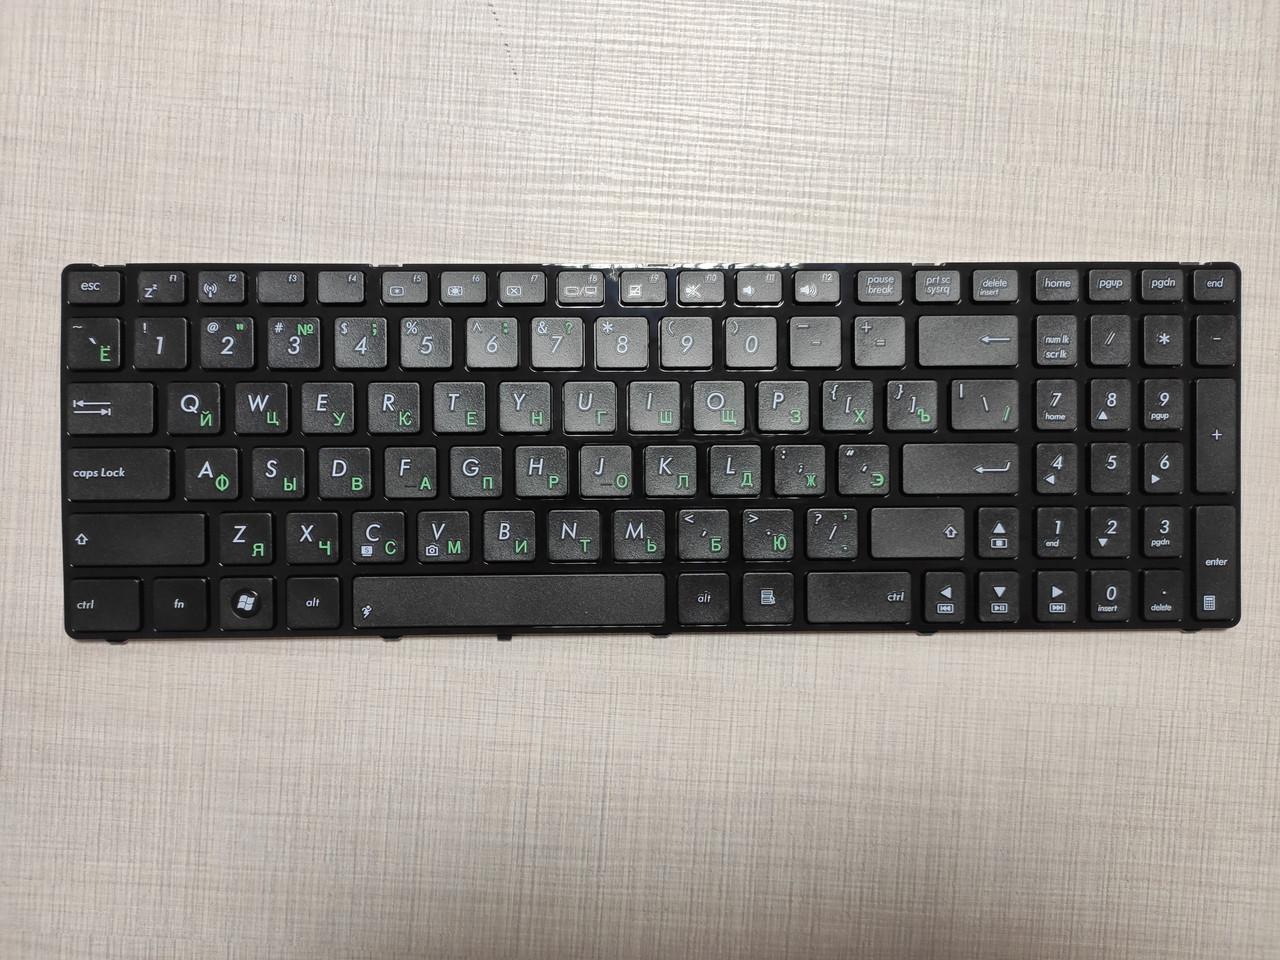 Клавиатура для ноутбука ASUS (K50, K51, K60, K61, K70, F52, P50, X5), rus, black